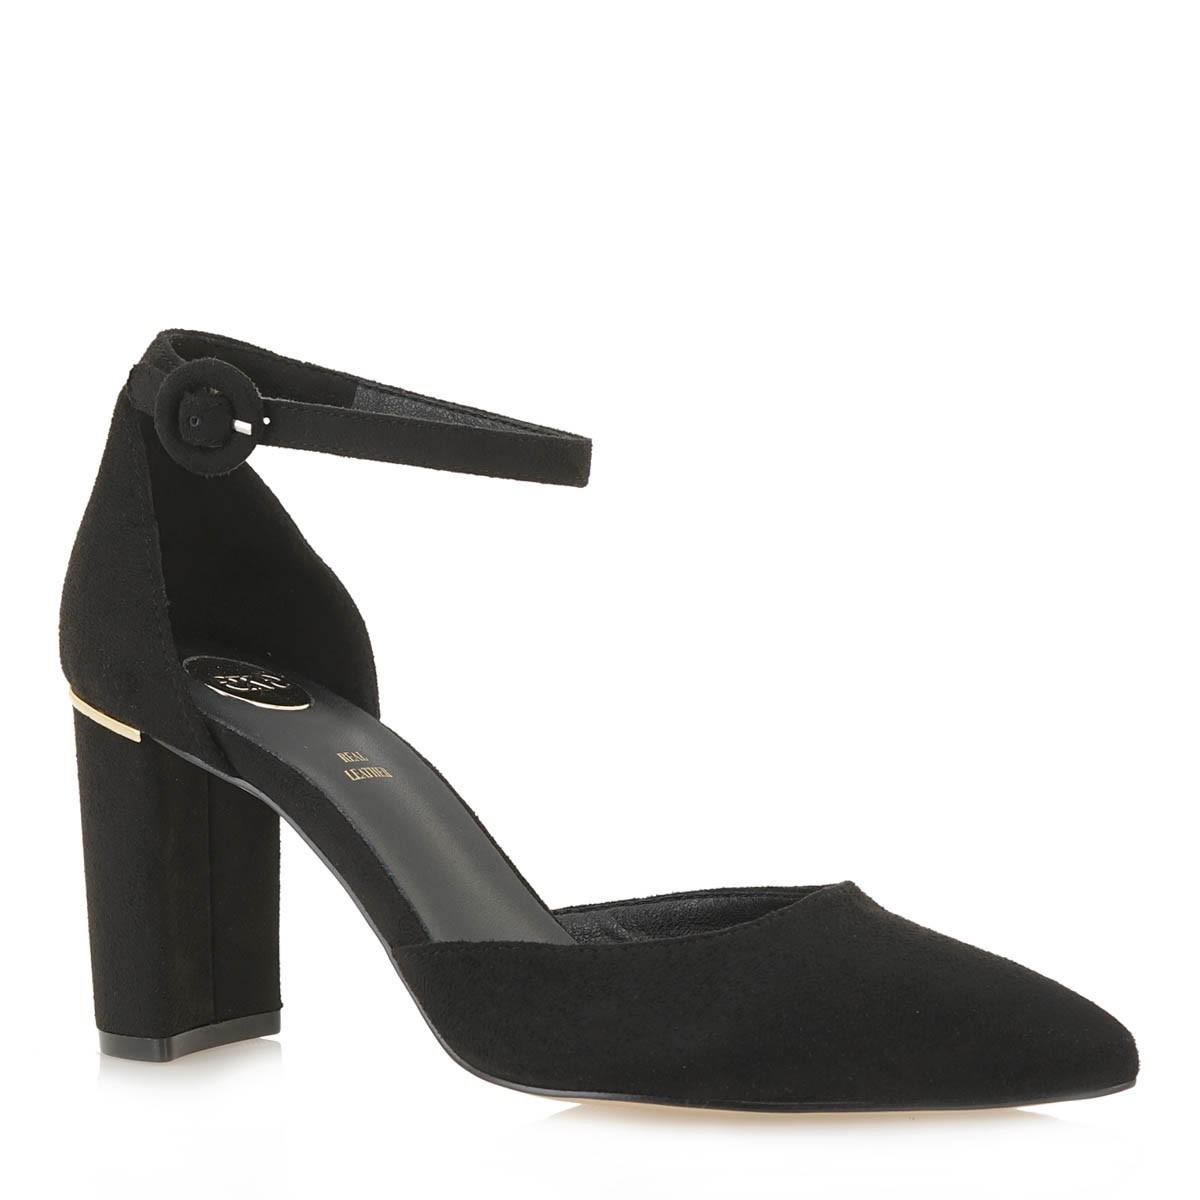 Exe Shoes Γυναικείες Γόβες 100-LES4E Μαύρο Καστόρι J1700100497